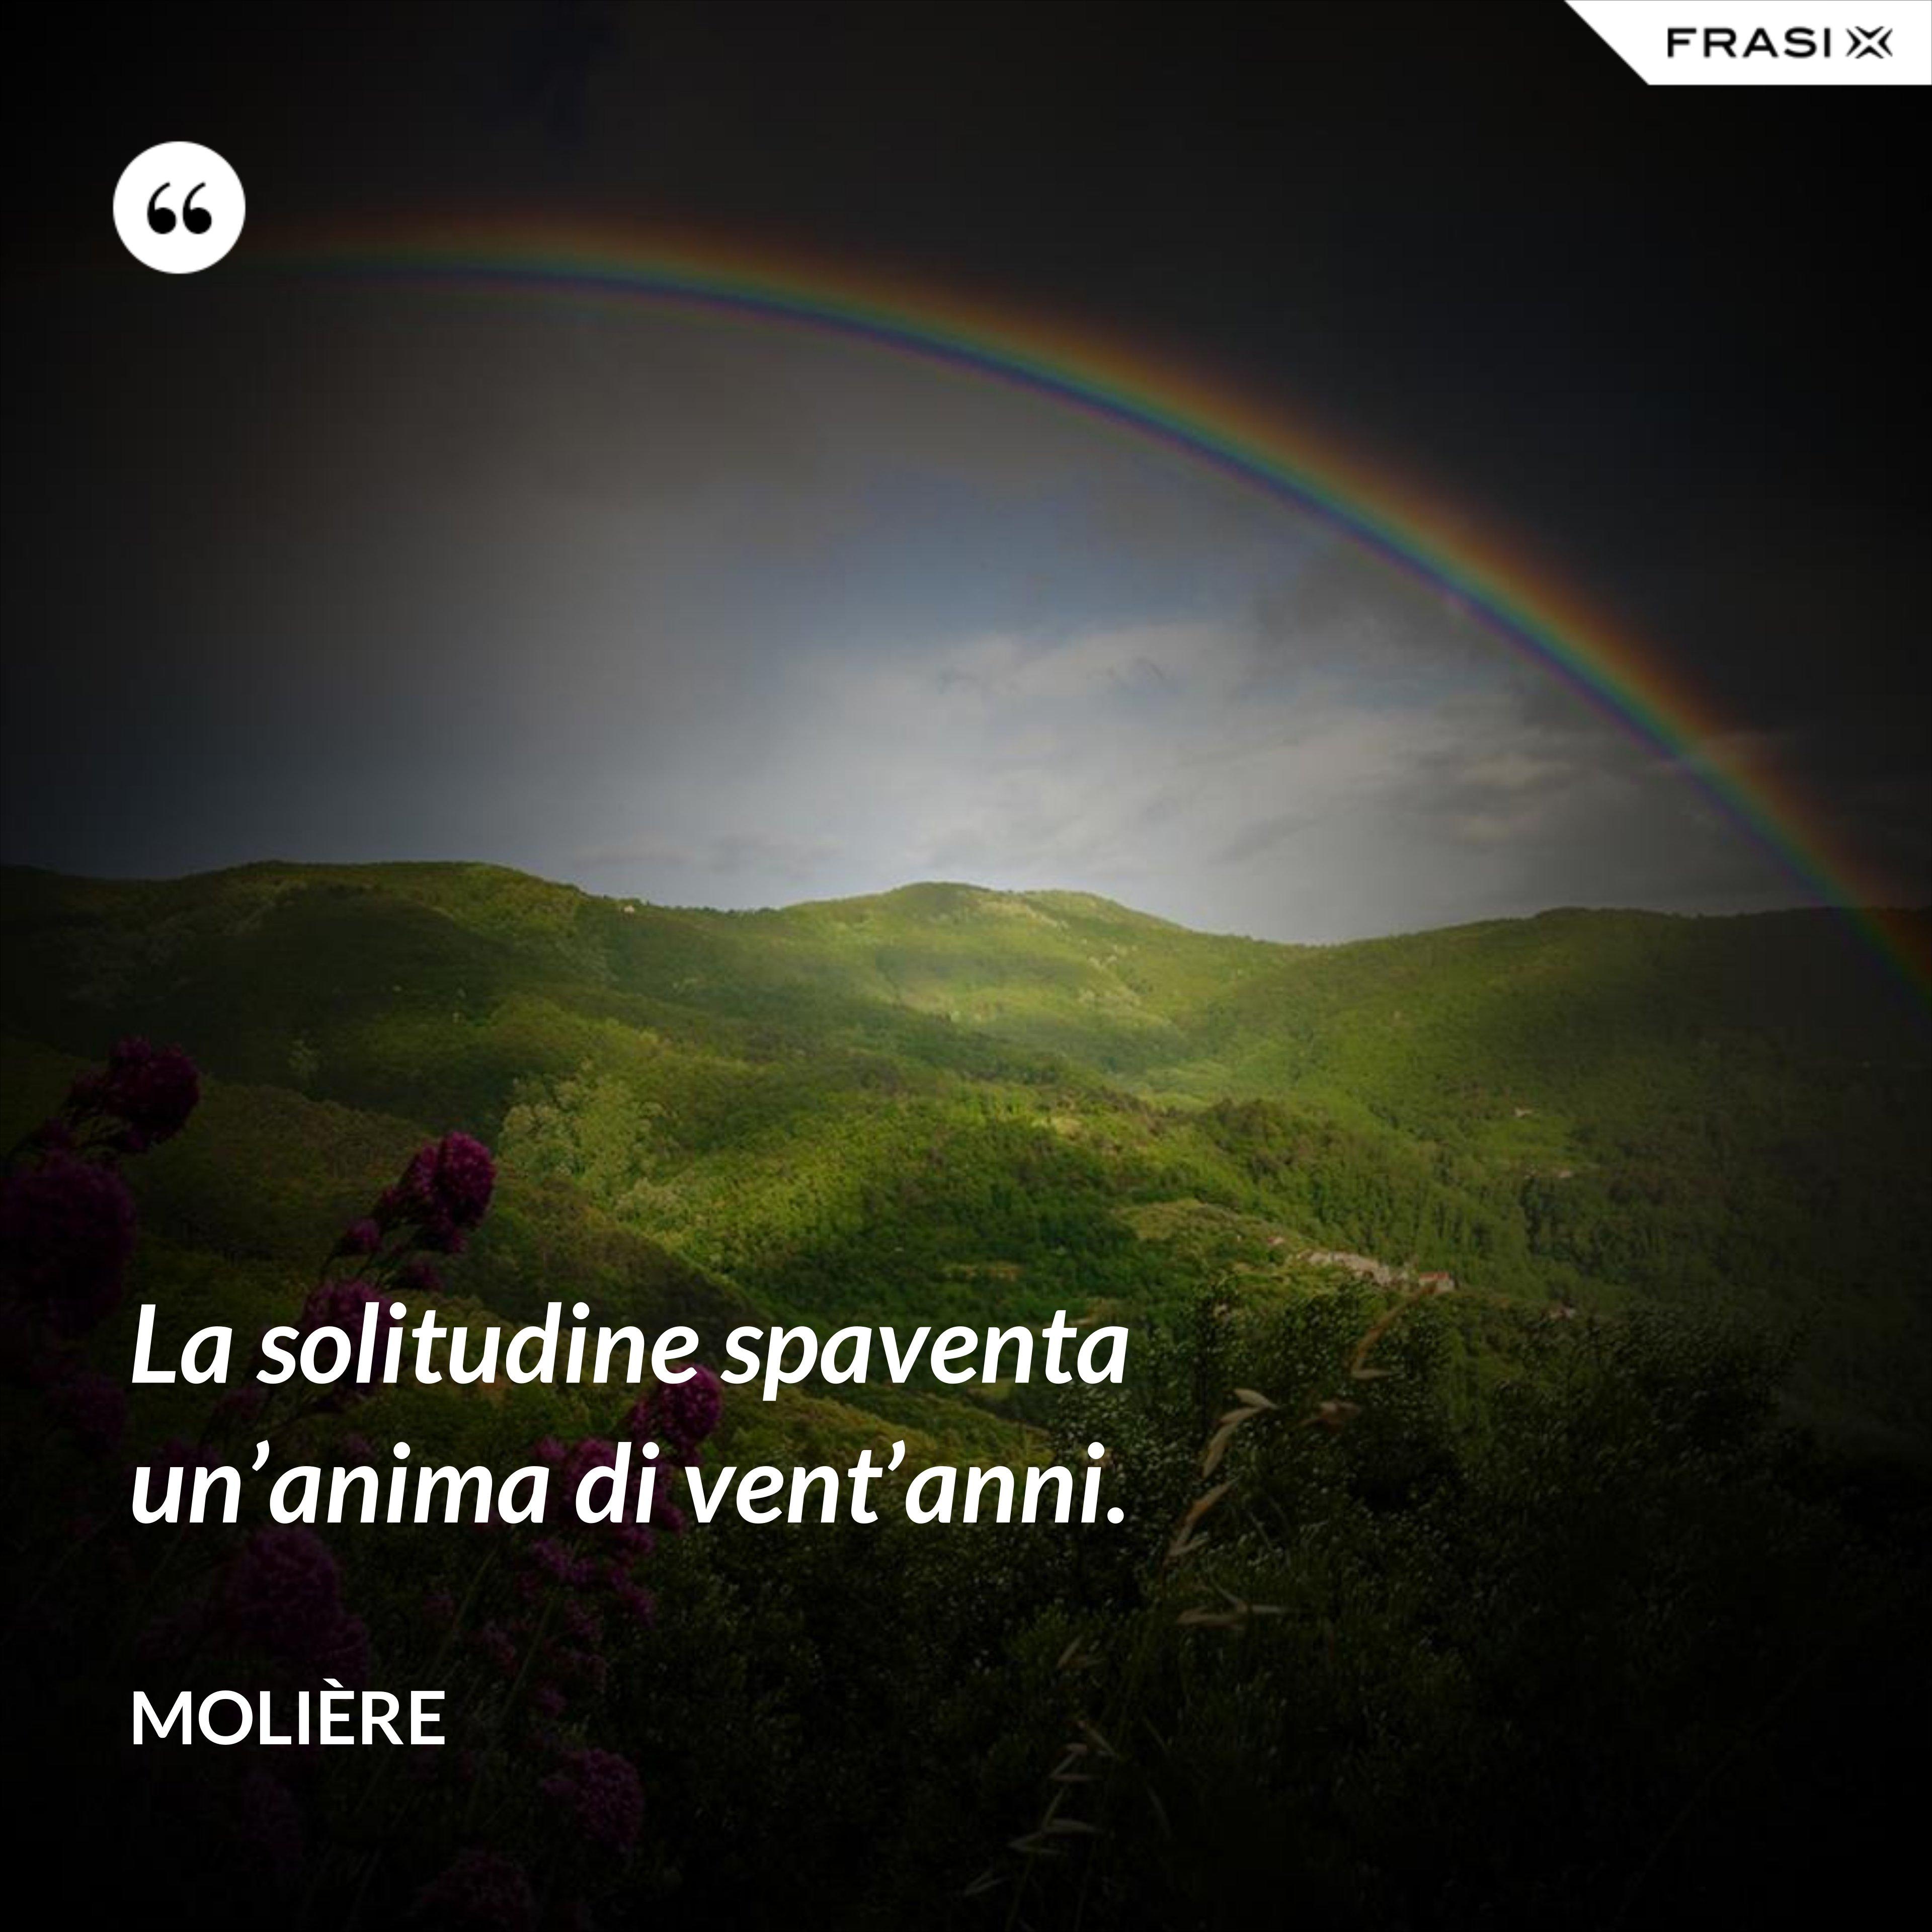 La solitudine spaventa un'anima di vent'anni. - Molière